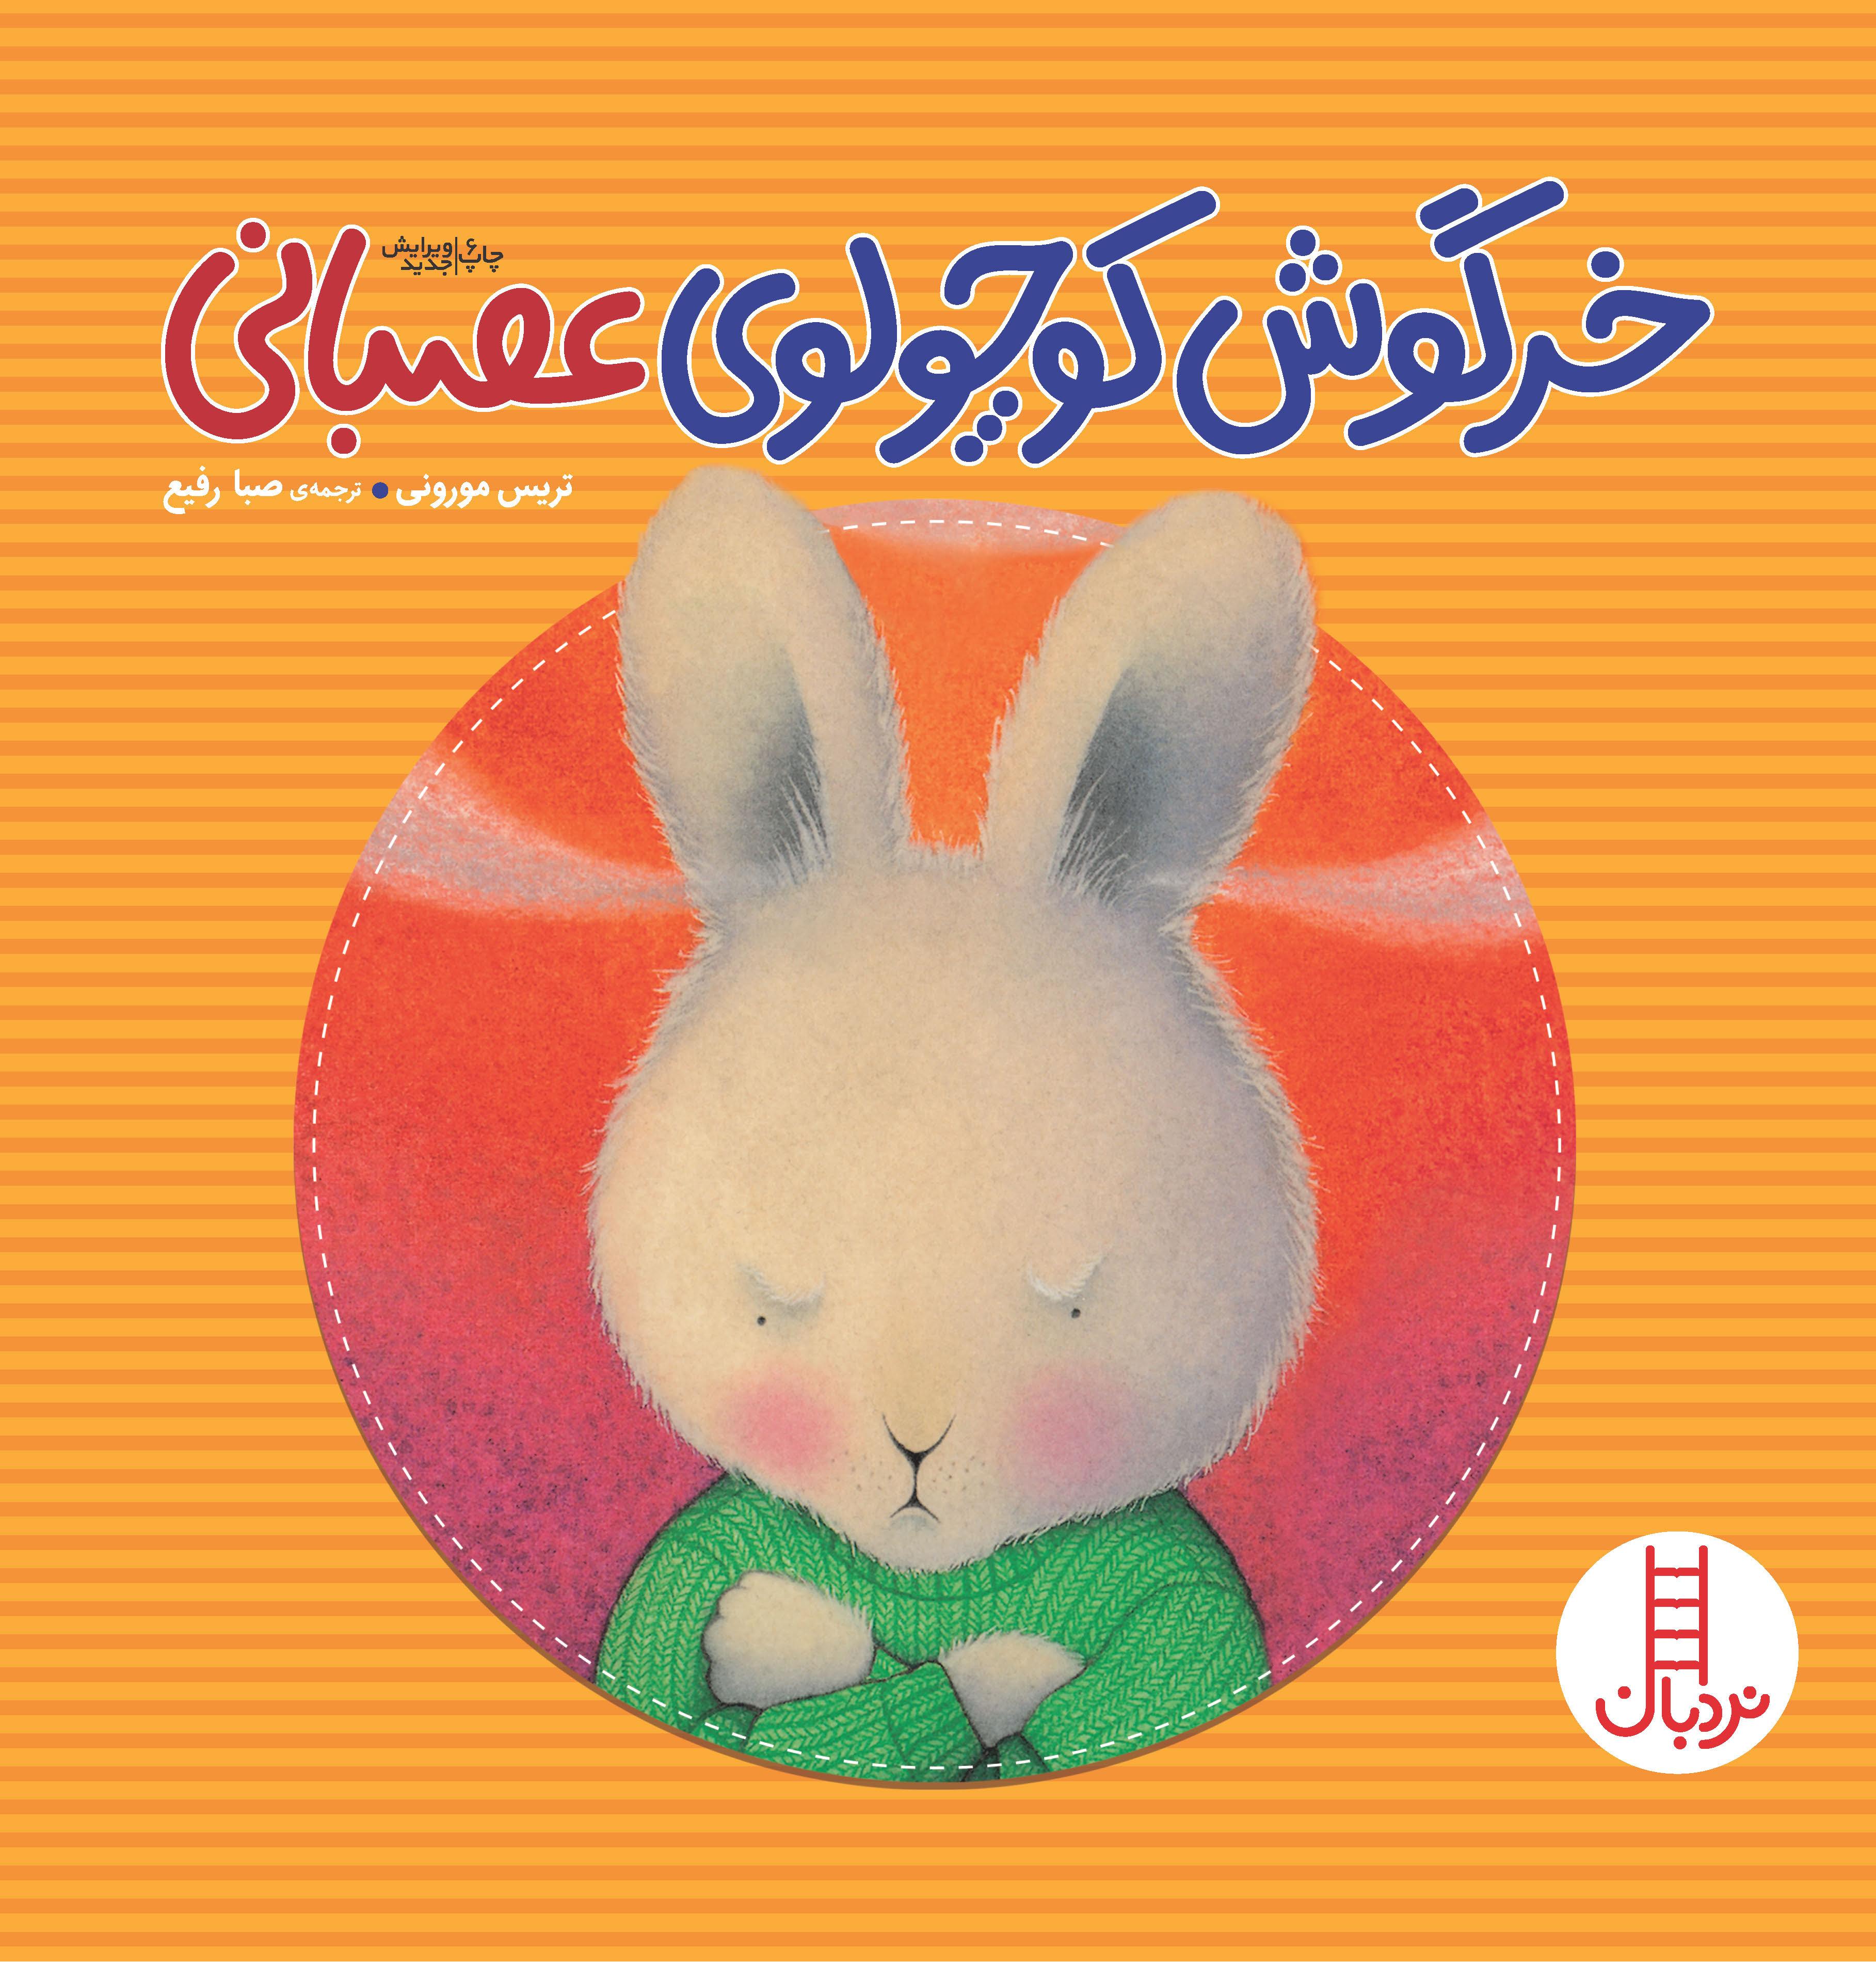 خرگوش كوچولوی عصبانی